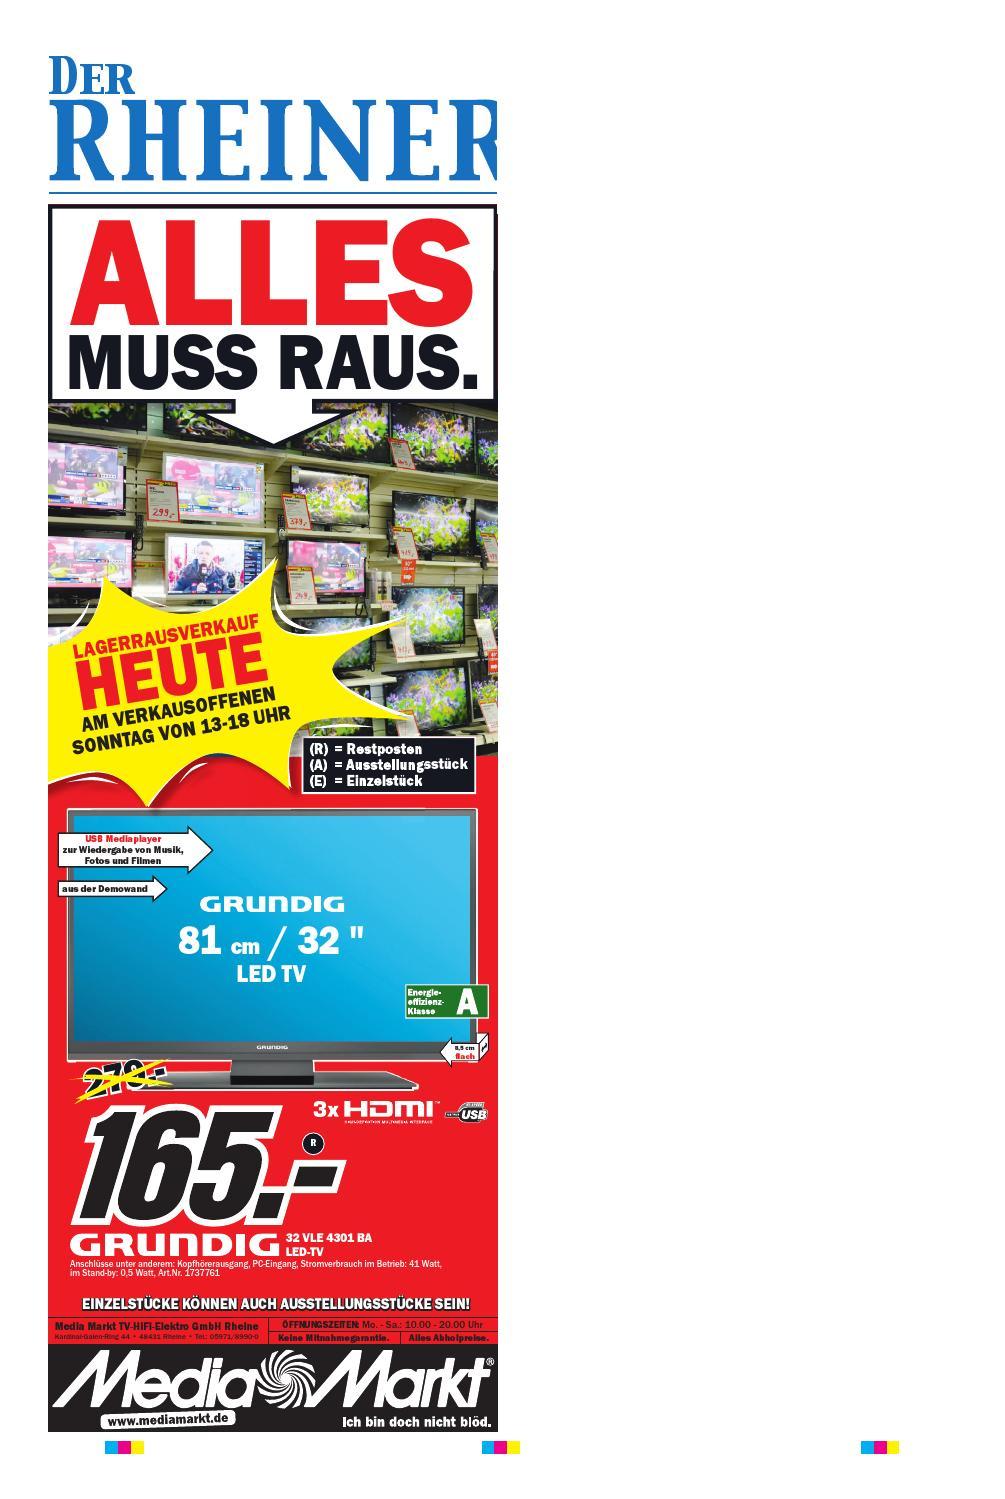 Auto deters rheine gmbh am stadtwalde 59 48432 rheine - Auto Deters Rheine Gmbh Am Stadtwalde 59 48432 Rheine 7